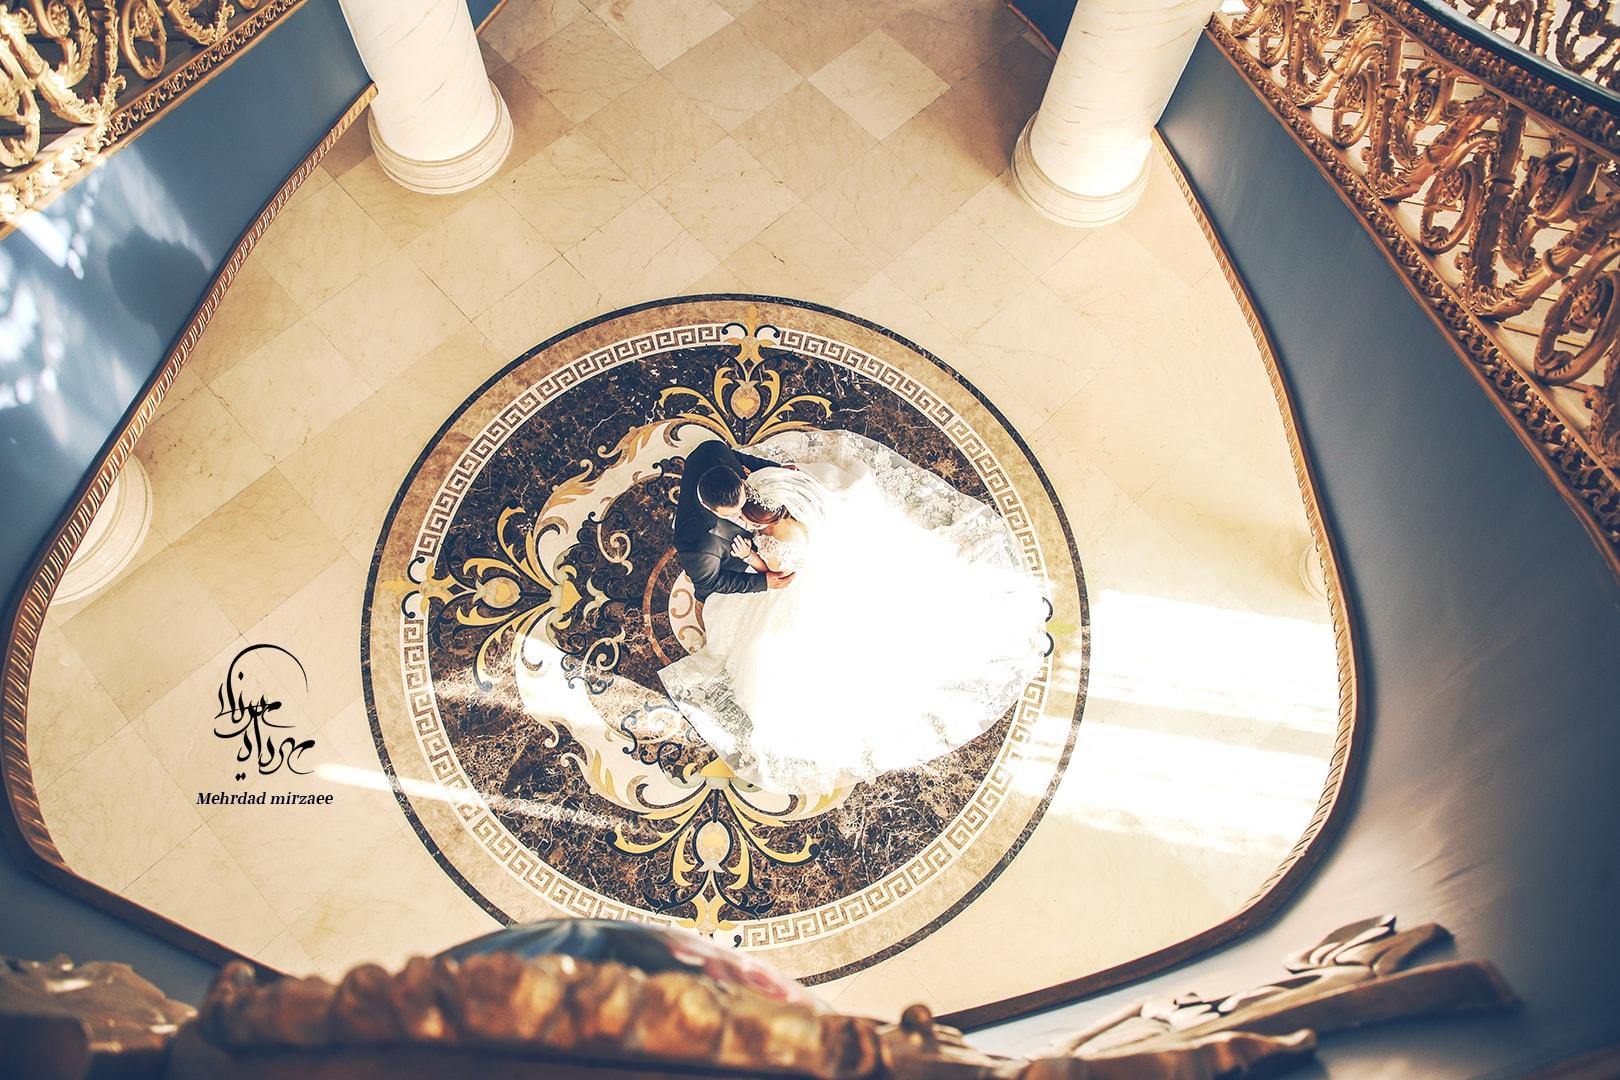 آتلیه تخصصی عروس در کرج | اتلیه عکاسی عروس در کرج | عکاسی عروس در کرج | بهترین تکنیکهای عکاسی عروس در کرج